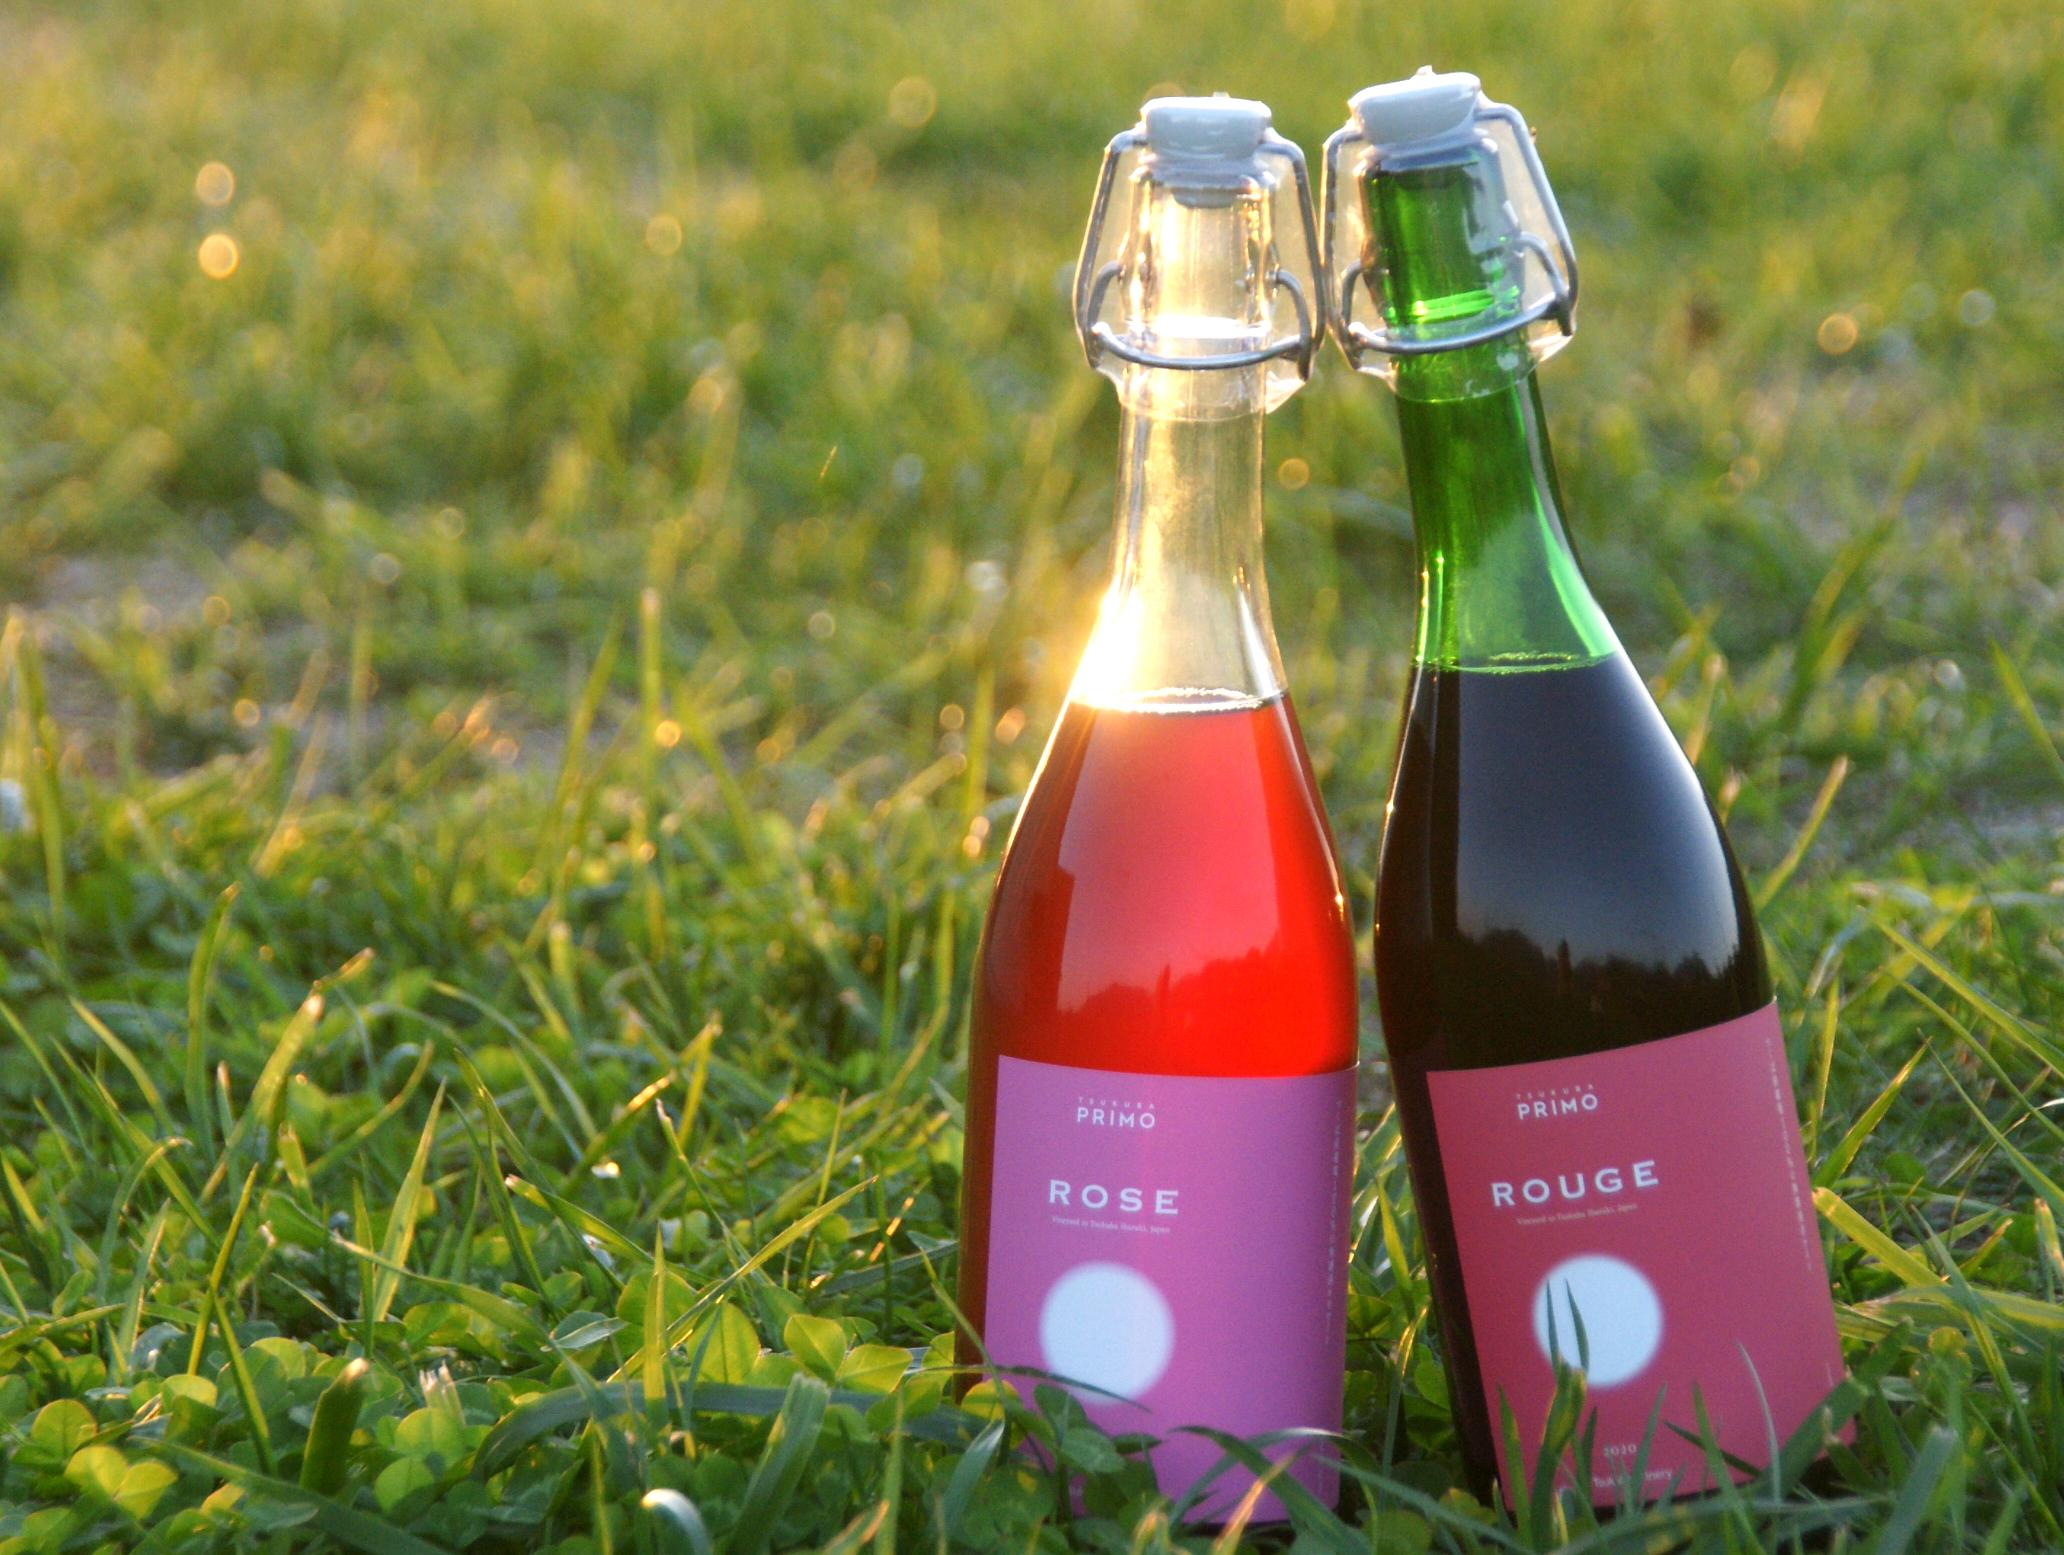 つくばワイナリー、最初の雫。無濾過ワイン「プリモ・シリーズ」を発売。~今年はスパークリングもラインナ... 画像